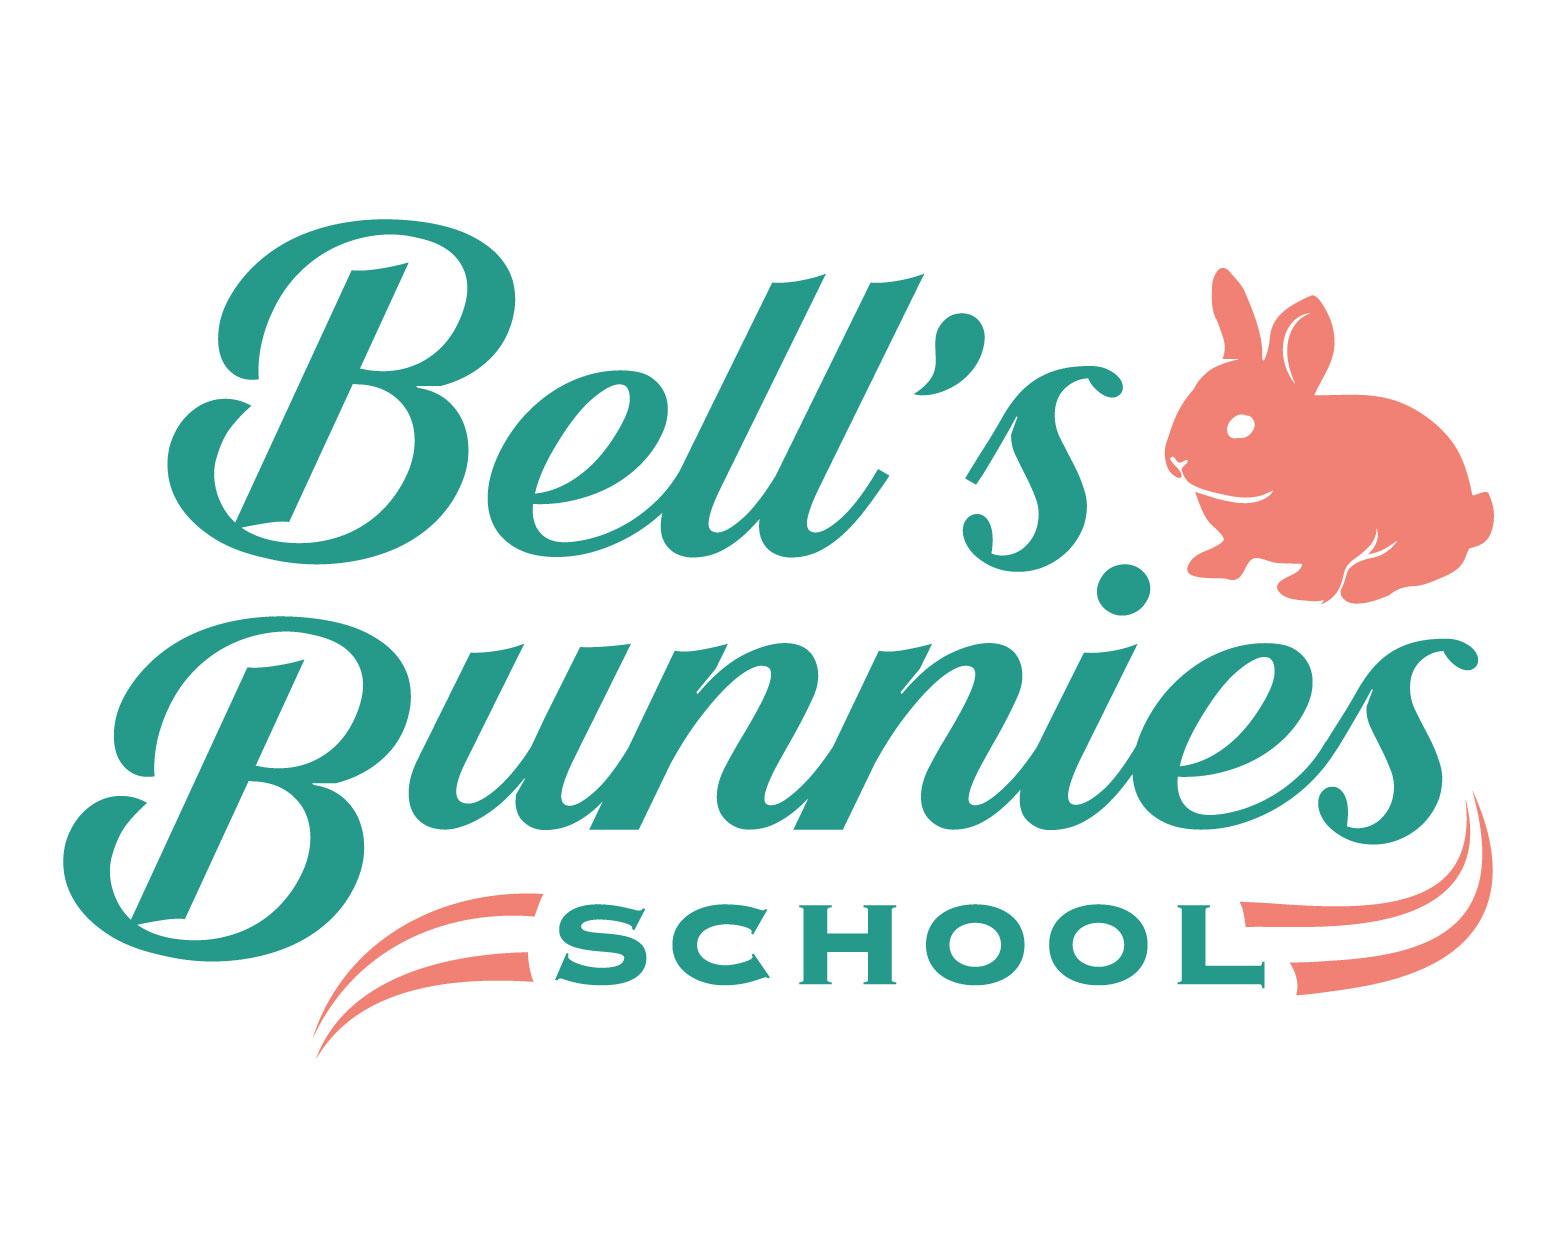 Bell's Bunnies School